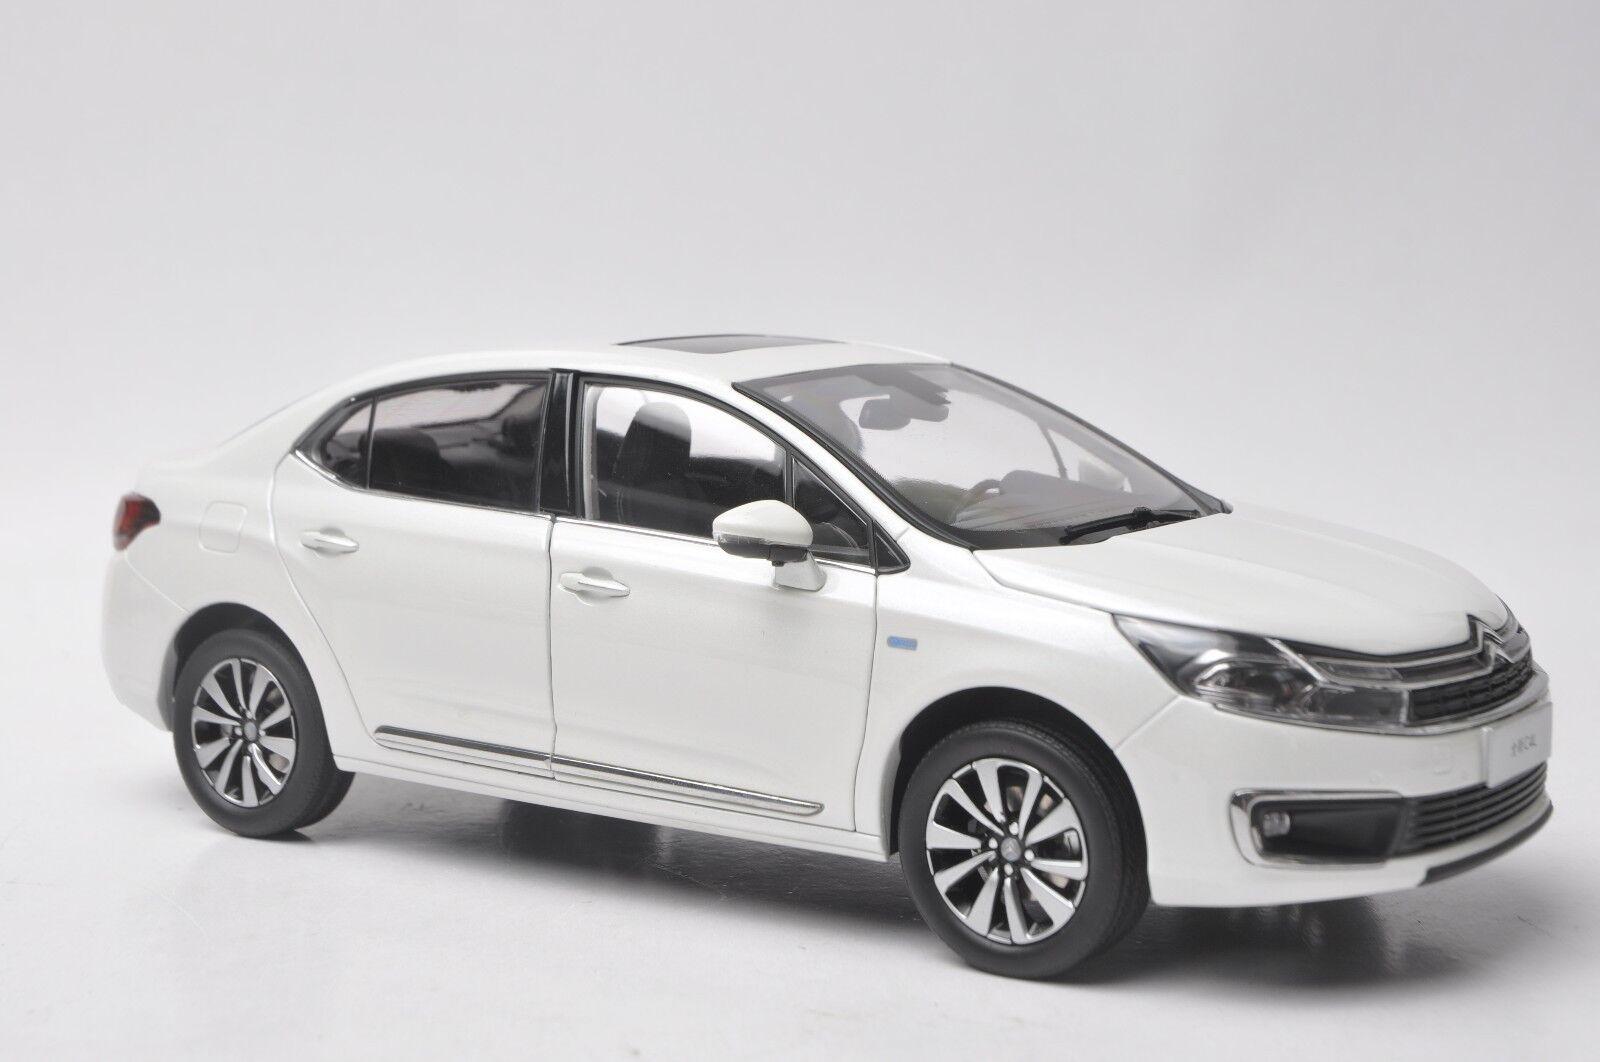 CITROEN Nuevo C4L coche modelo en escala 1 18 blancoo